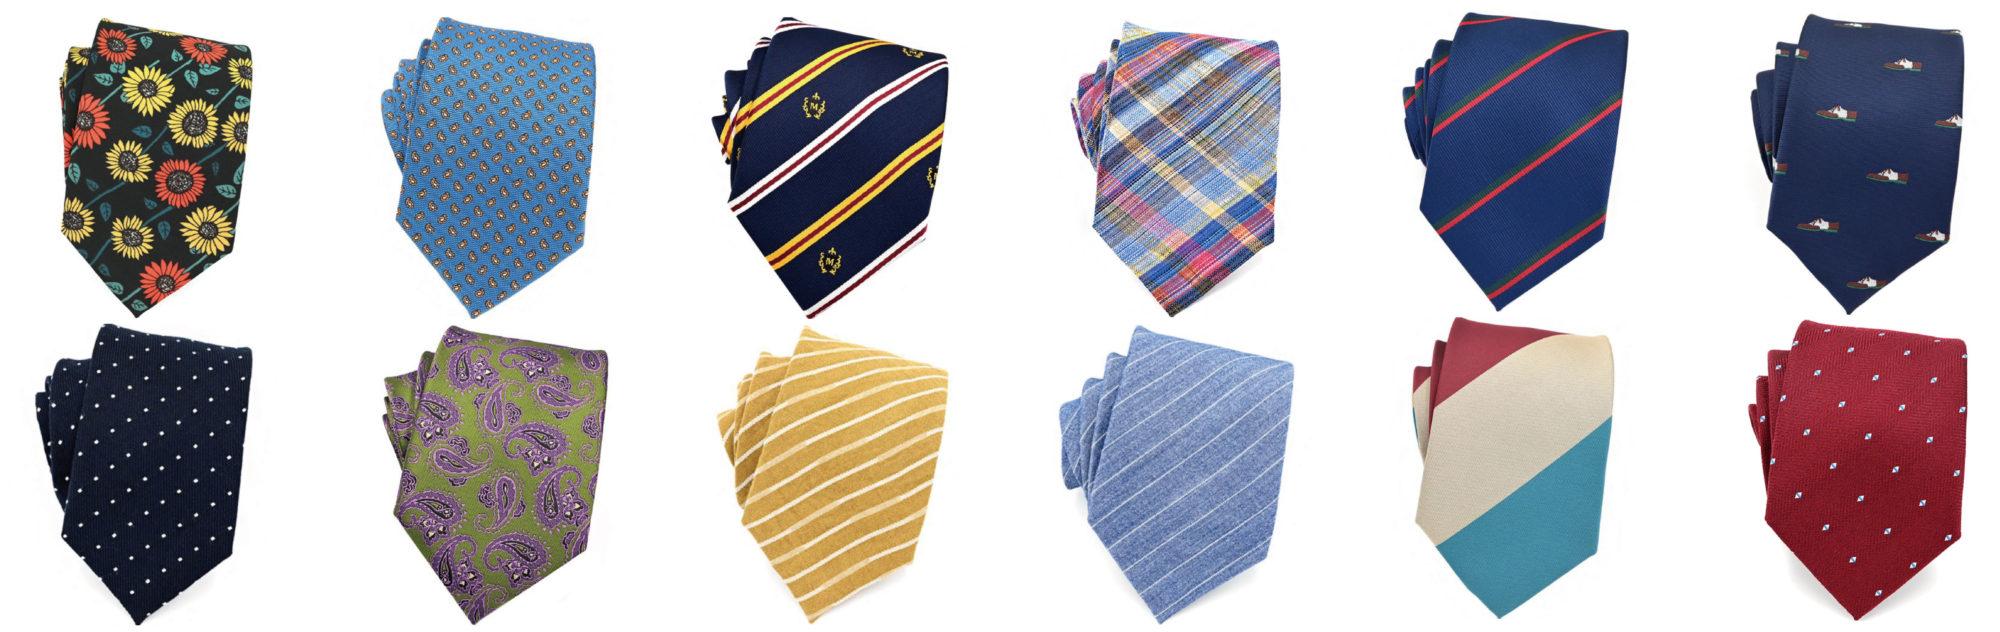 日本で一番種類が多いネクタイ屋